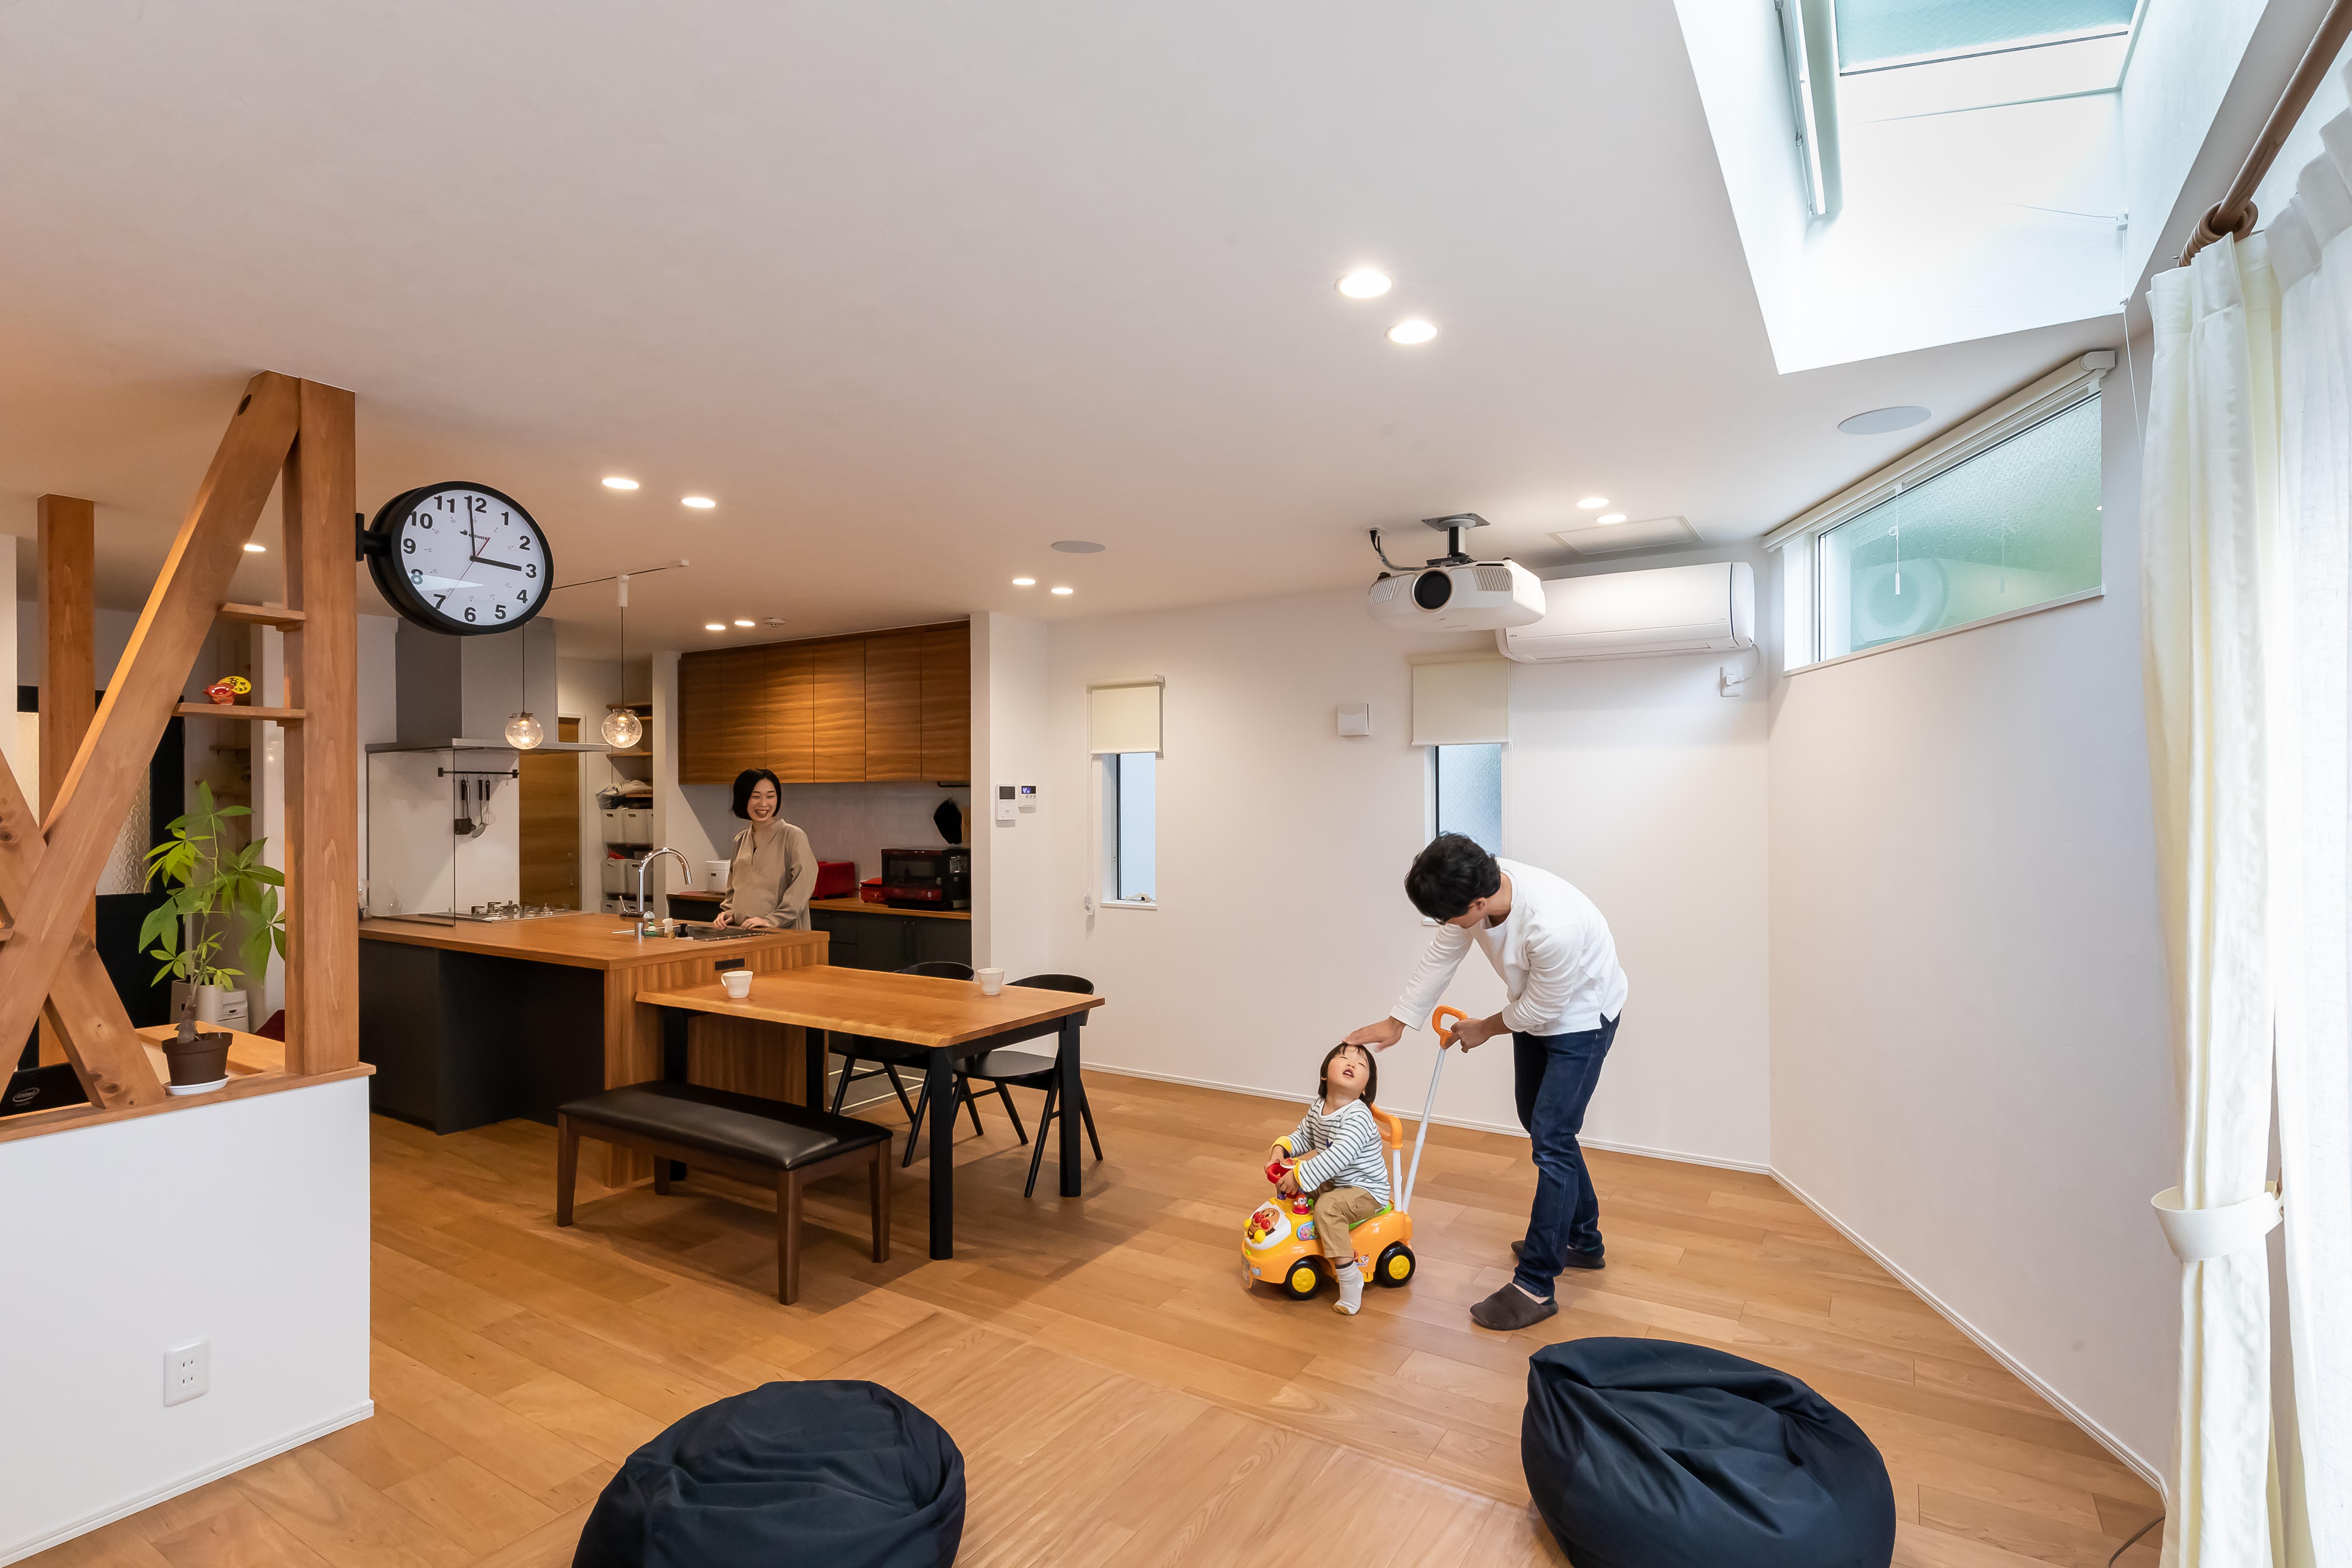 アルファホーム【デザイン住宅、収納力、間取り】広々としたキッチンの隣には子どもがのびのび遊べるリビング。天窓がキッチンとダイニング、リビング全体を明るくしてくれる